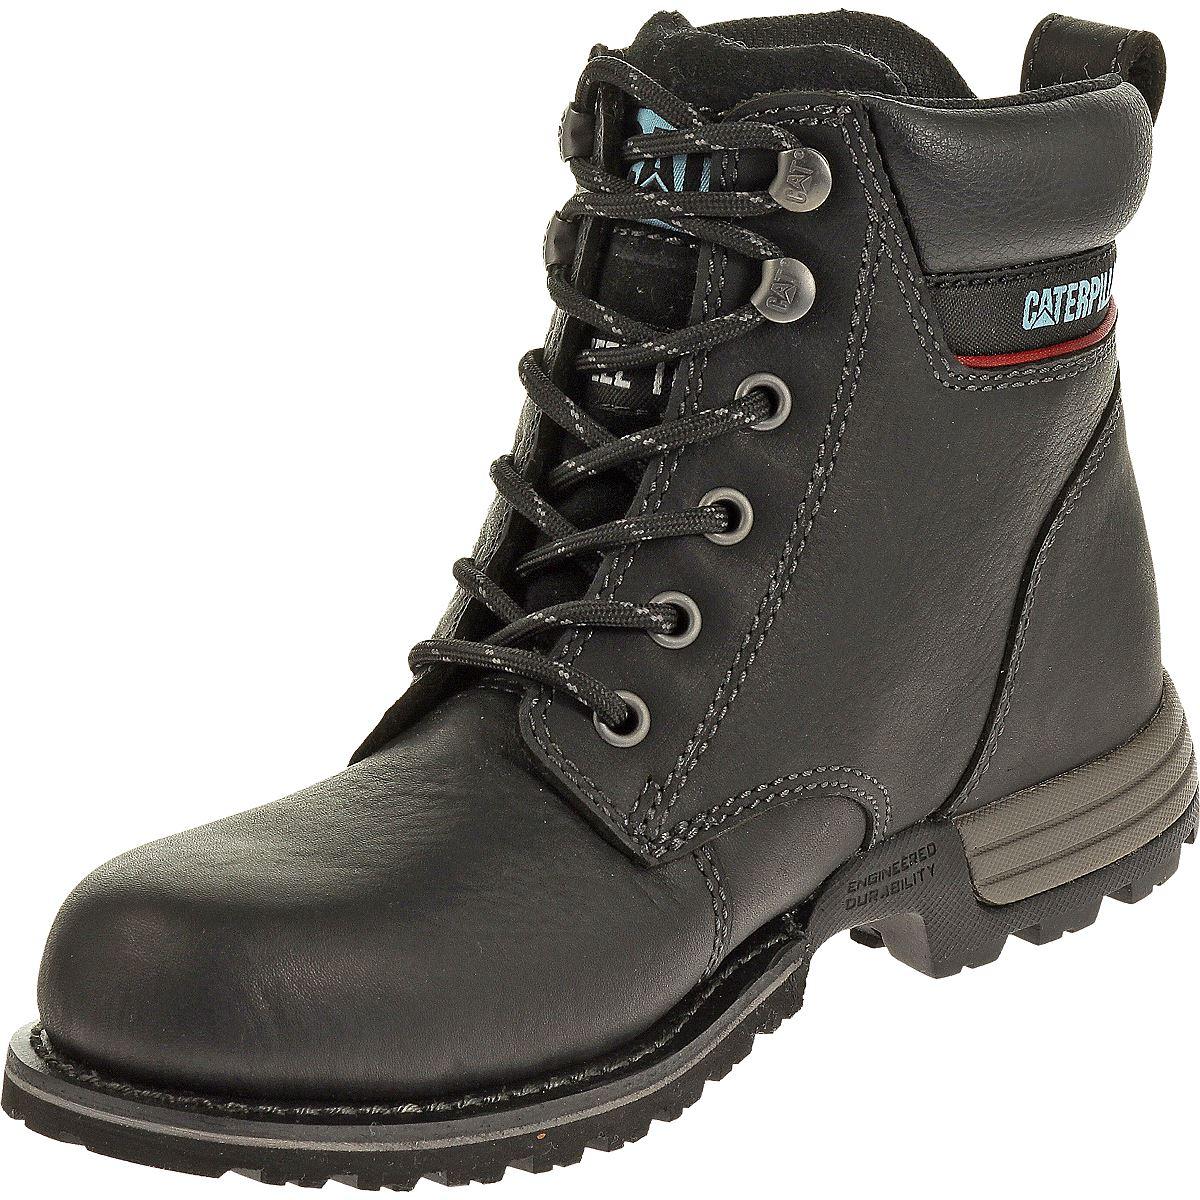 cat footwear womens freedom steel toe work boot ebay